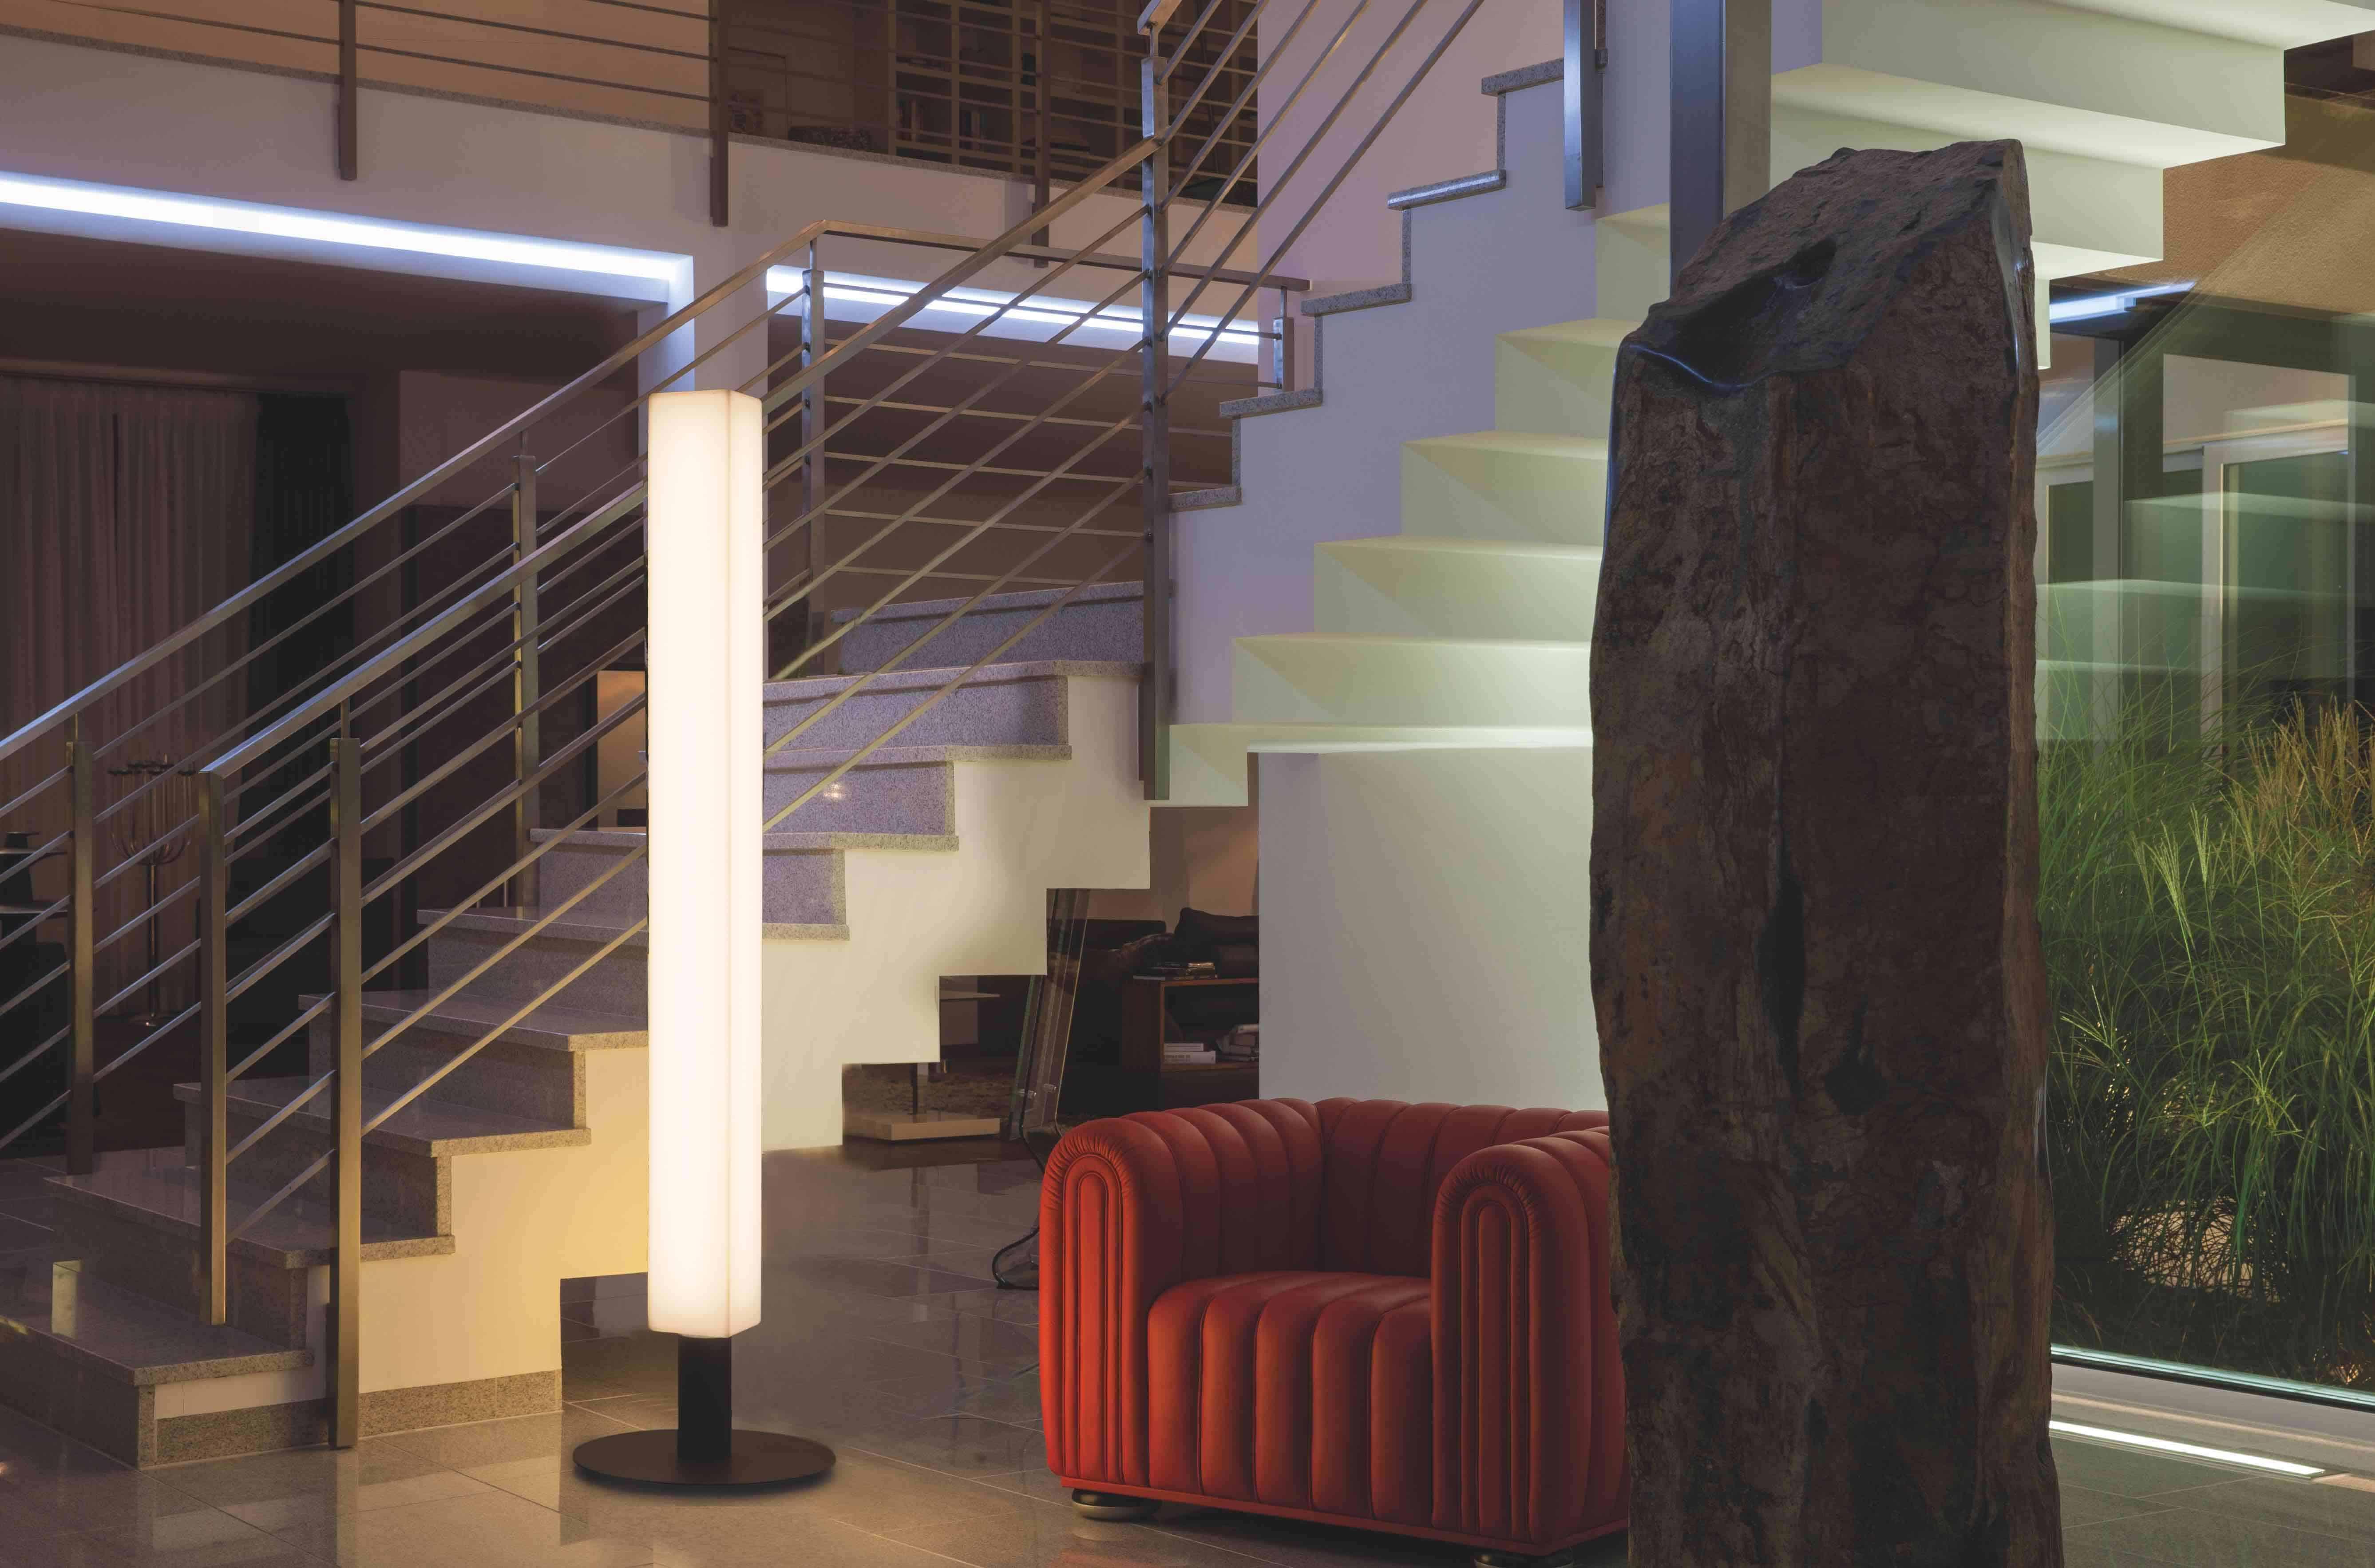 Lunocs Cube LED-verlichting met antraciet voetstuk in de  traphal